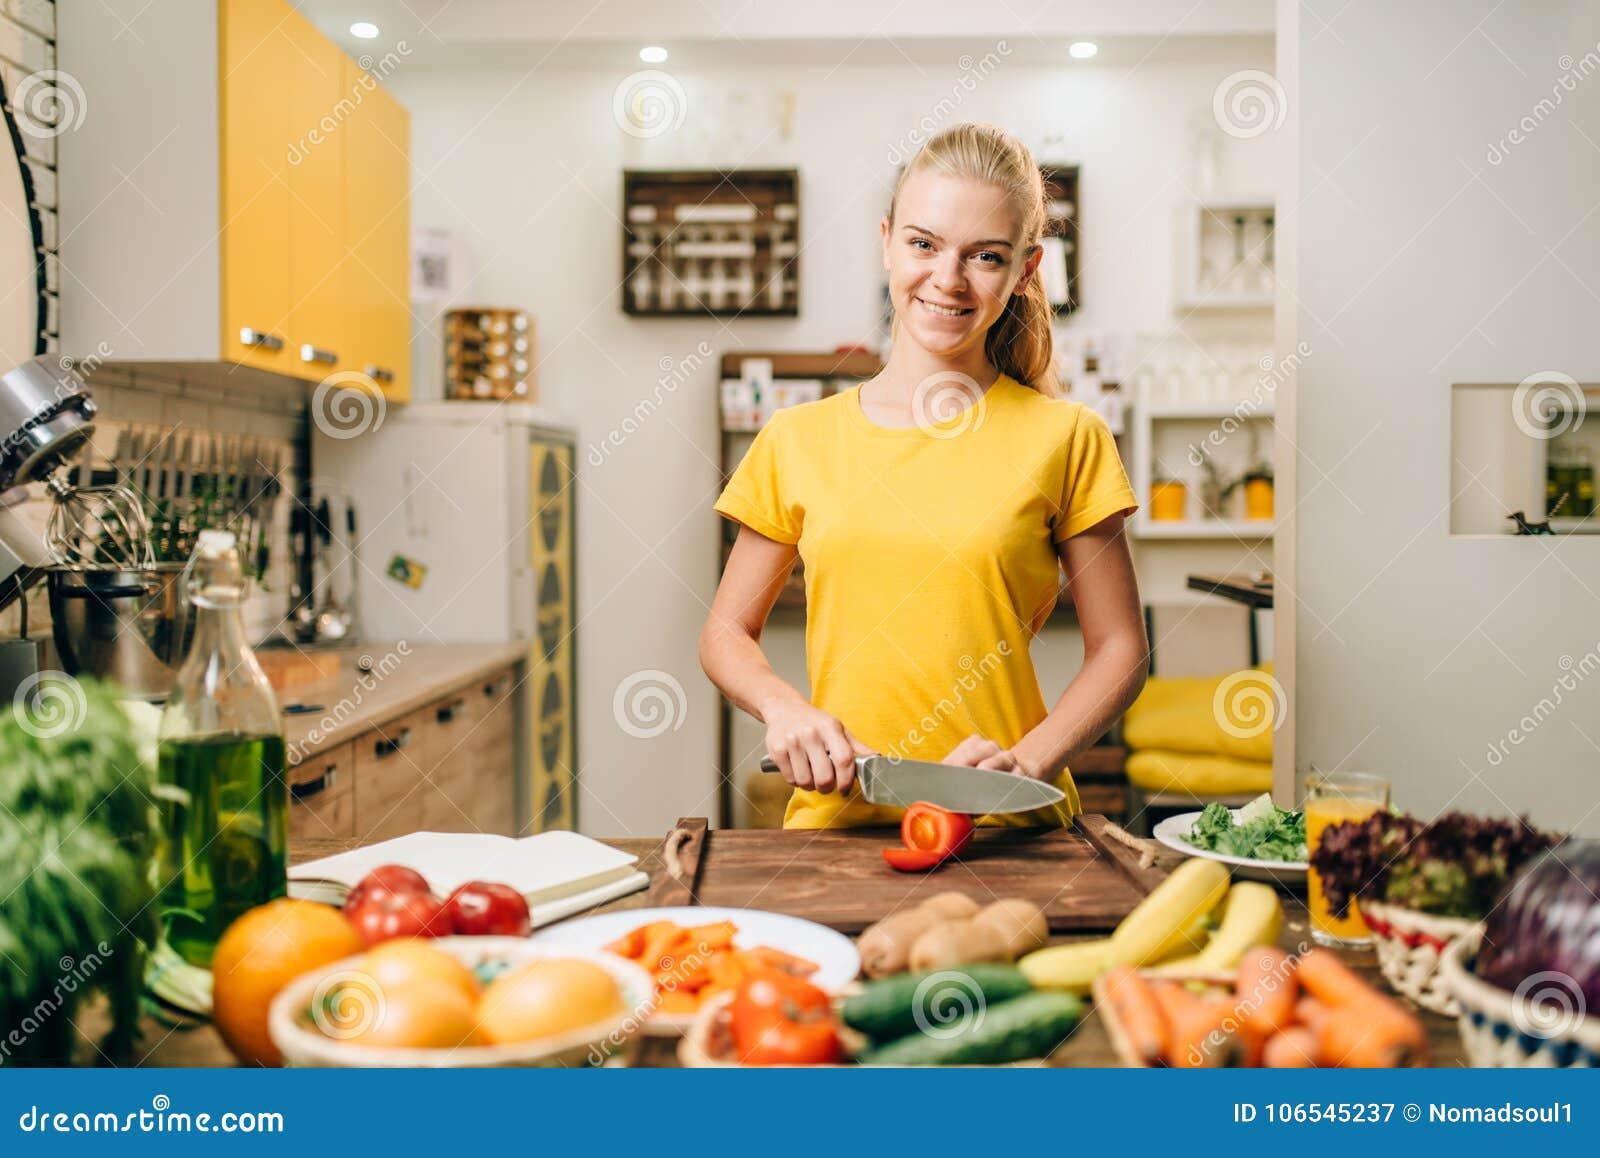 Młodej kobiety kucharstwo na przepisach, zdrowy życiorys jedzenie